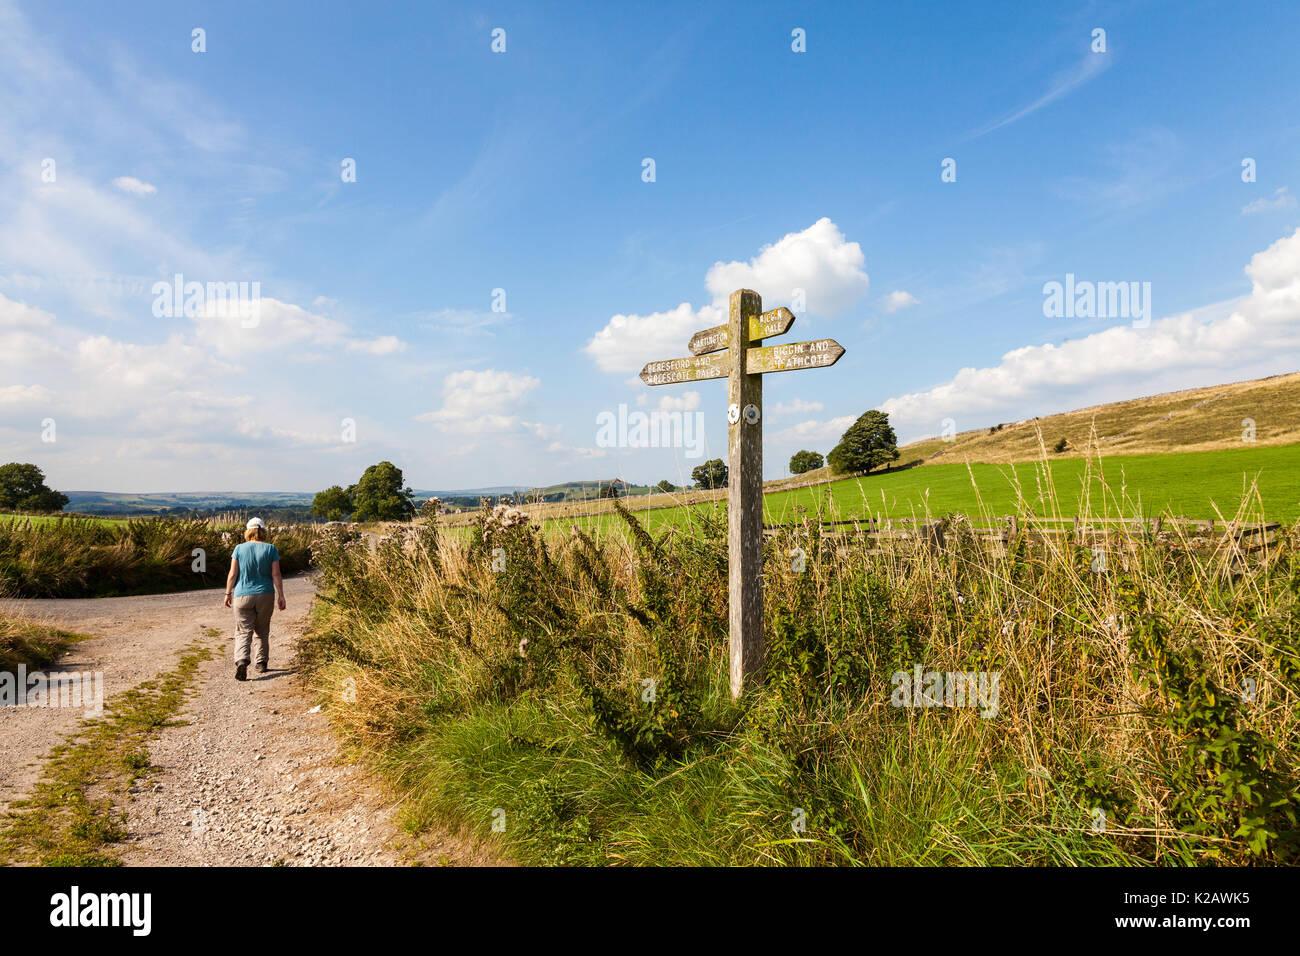 Eine Frau entlang einer ruhigen Gasse in Derbyshire, England, Großbritannien Stockfoto